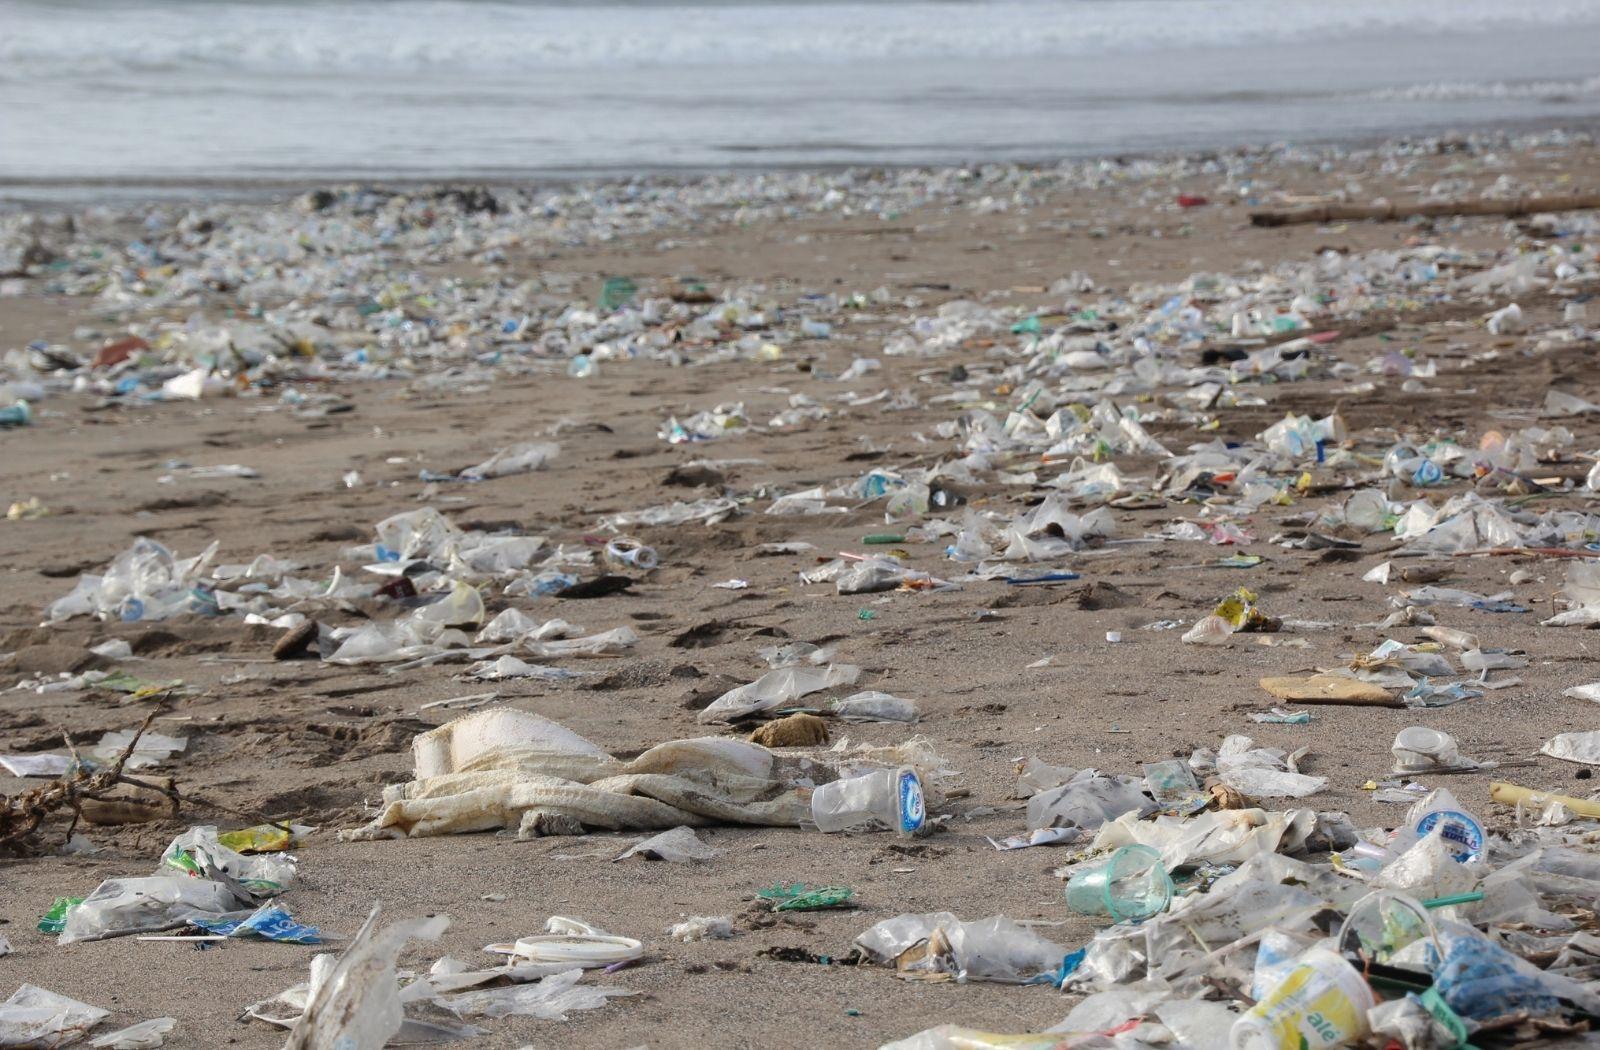 Plastica sulle spiagge, nel pesce, impatto ambientale dei nostri costumi